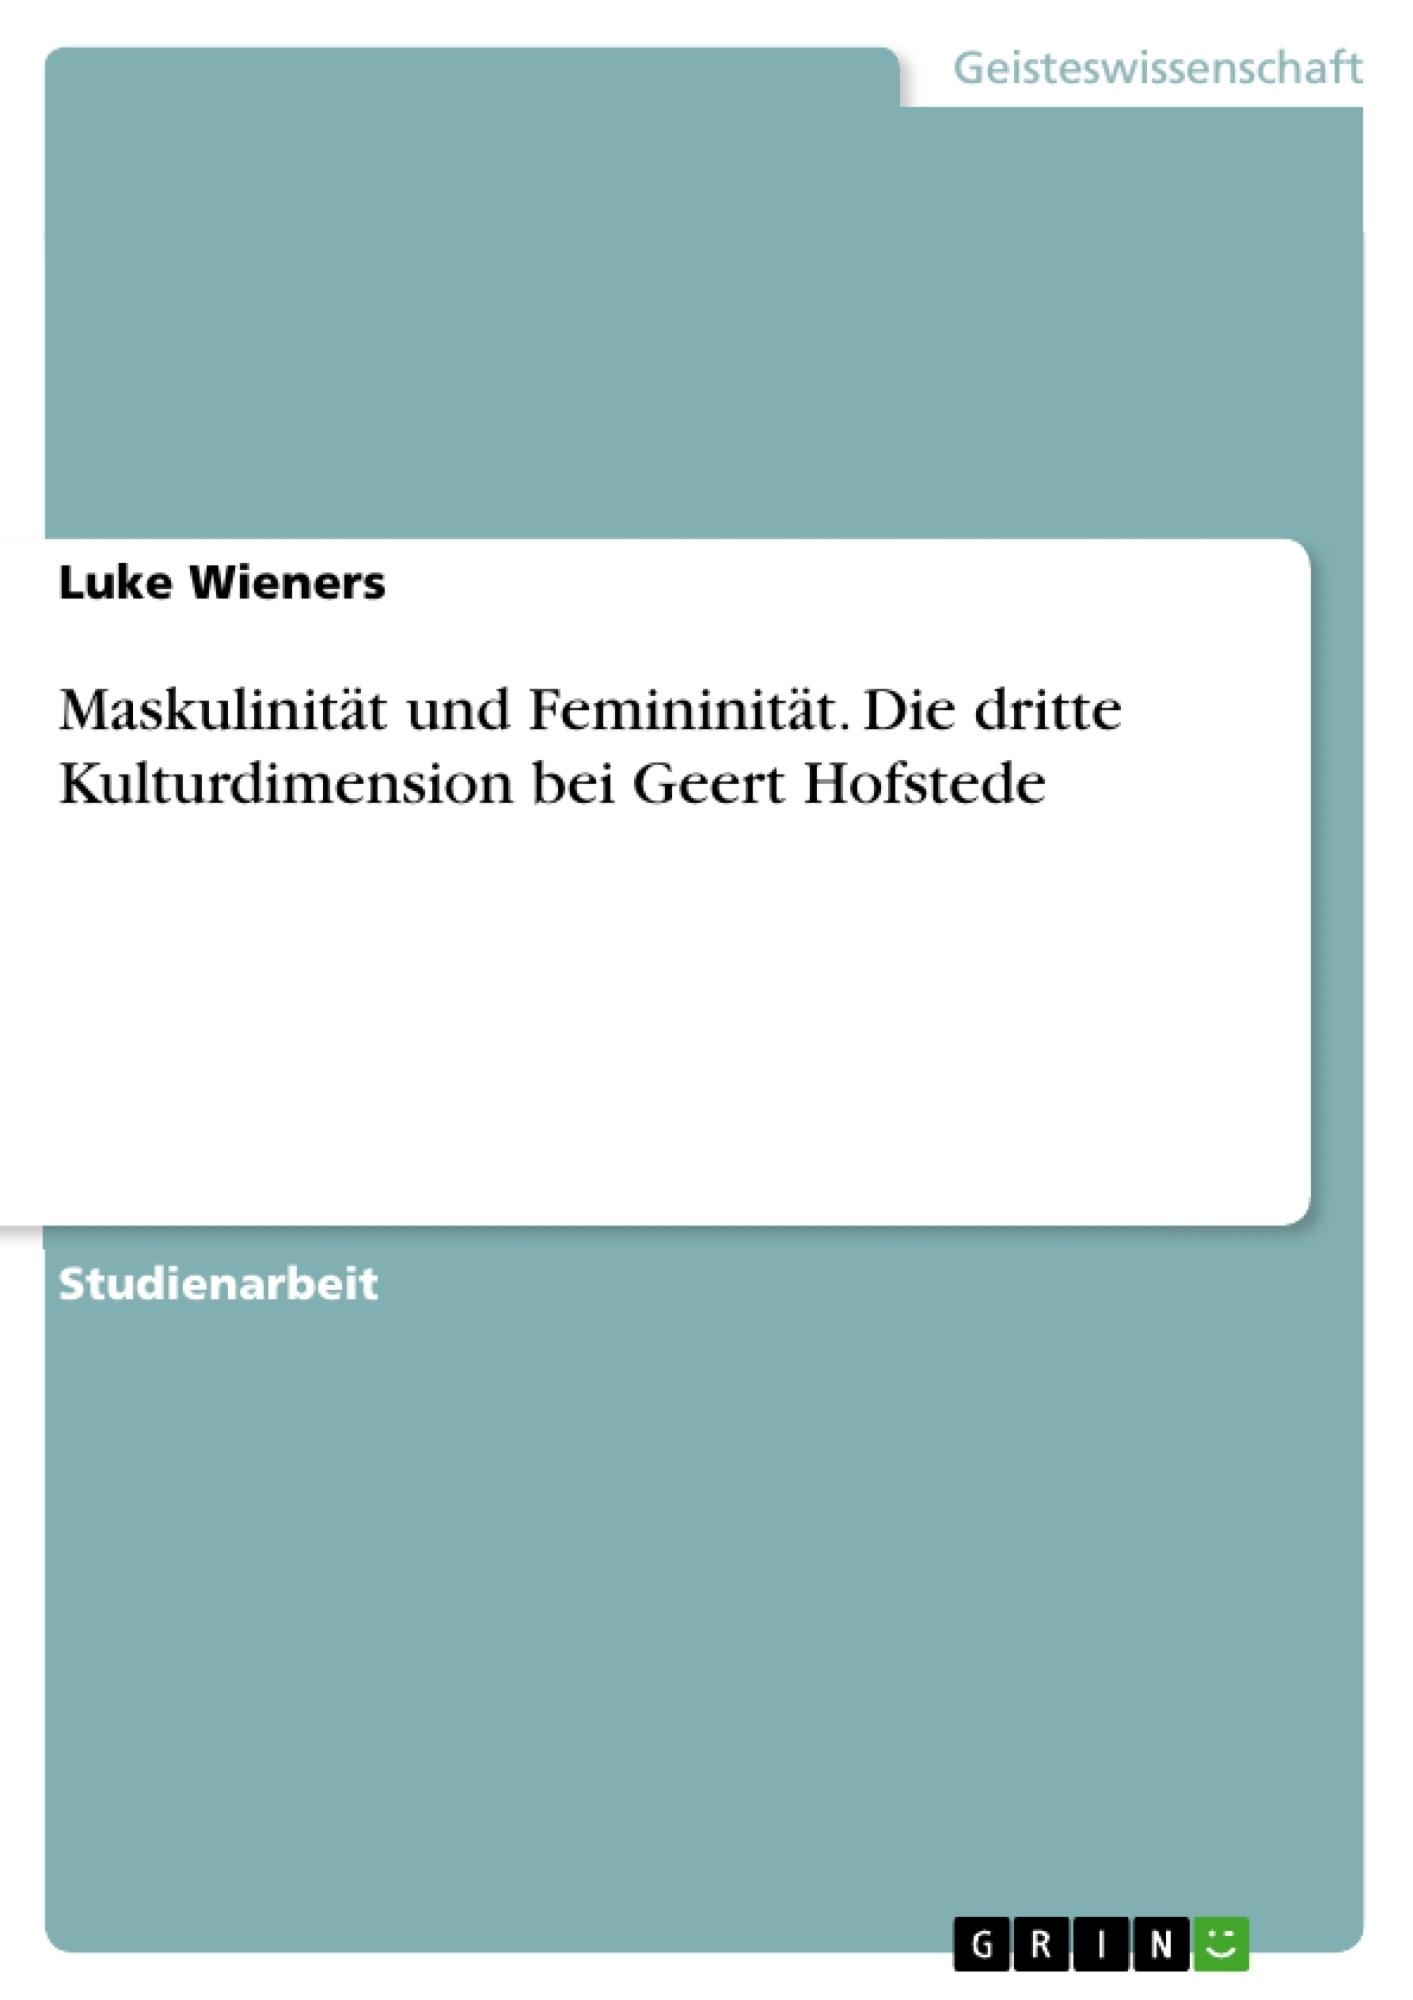 Titel: Maskulinität und Femininität. Die dritte Kulturdimension bei Geert Hofstede